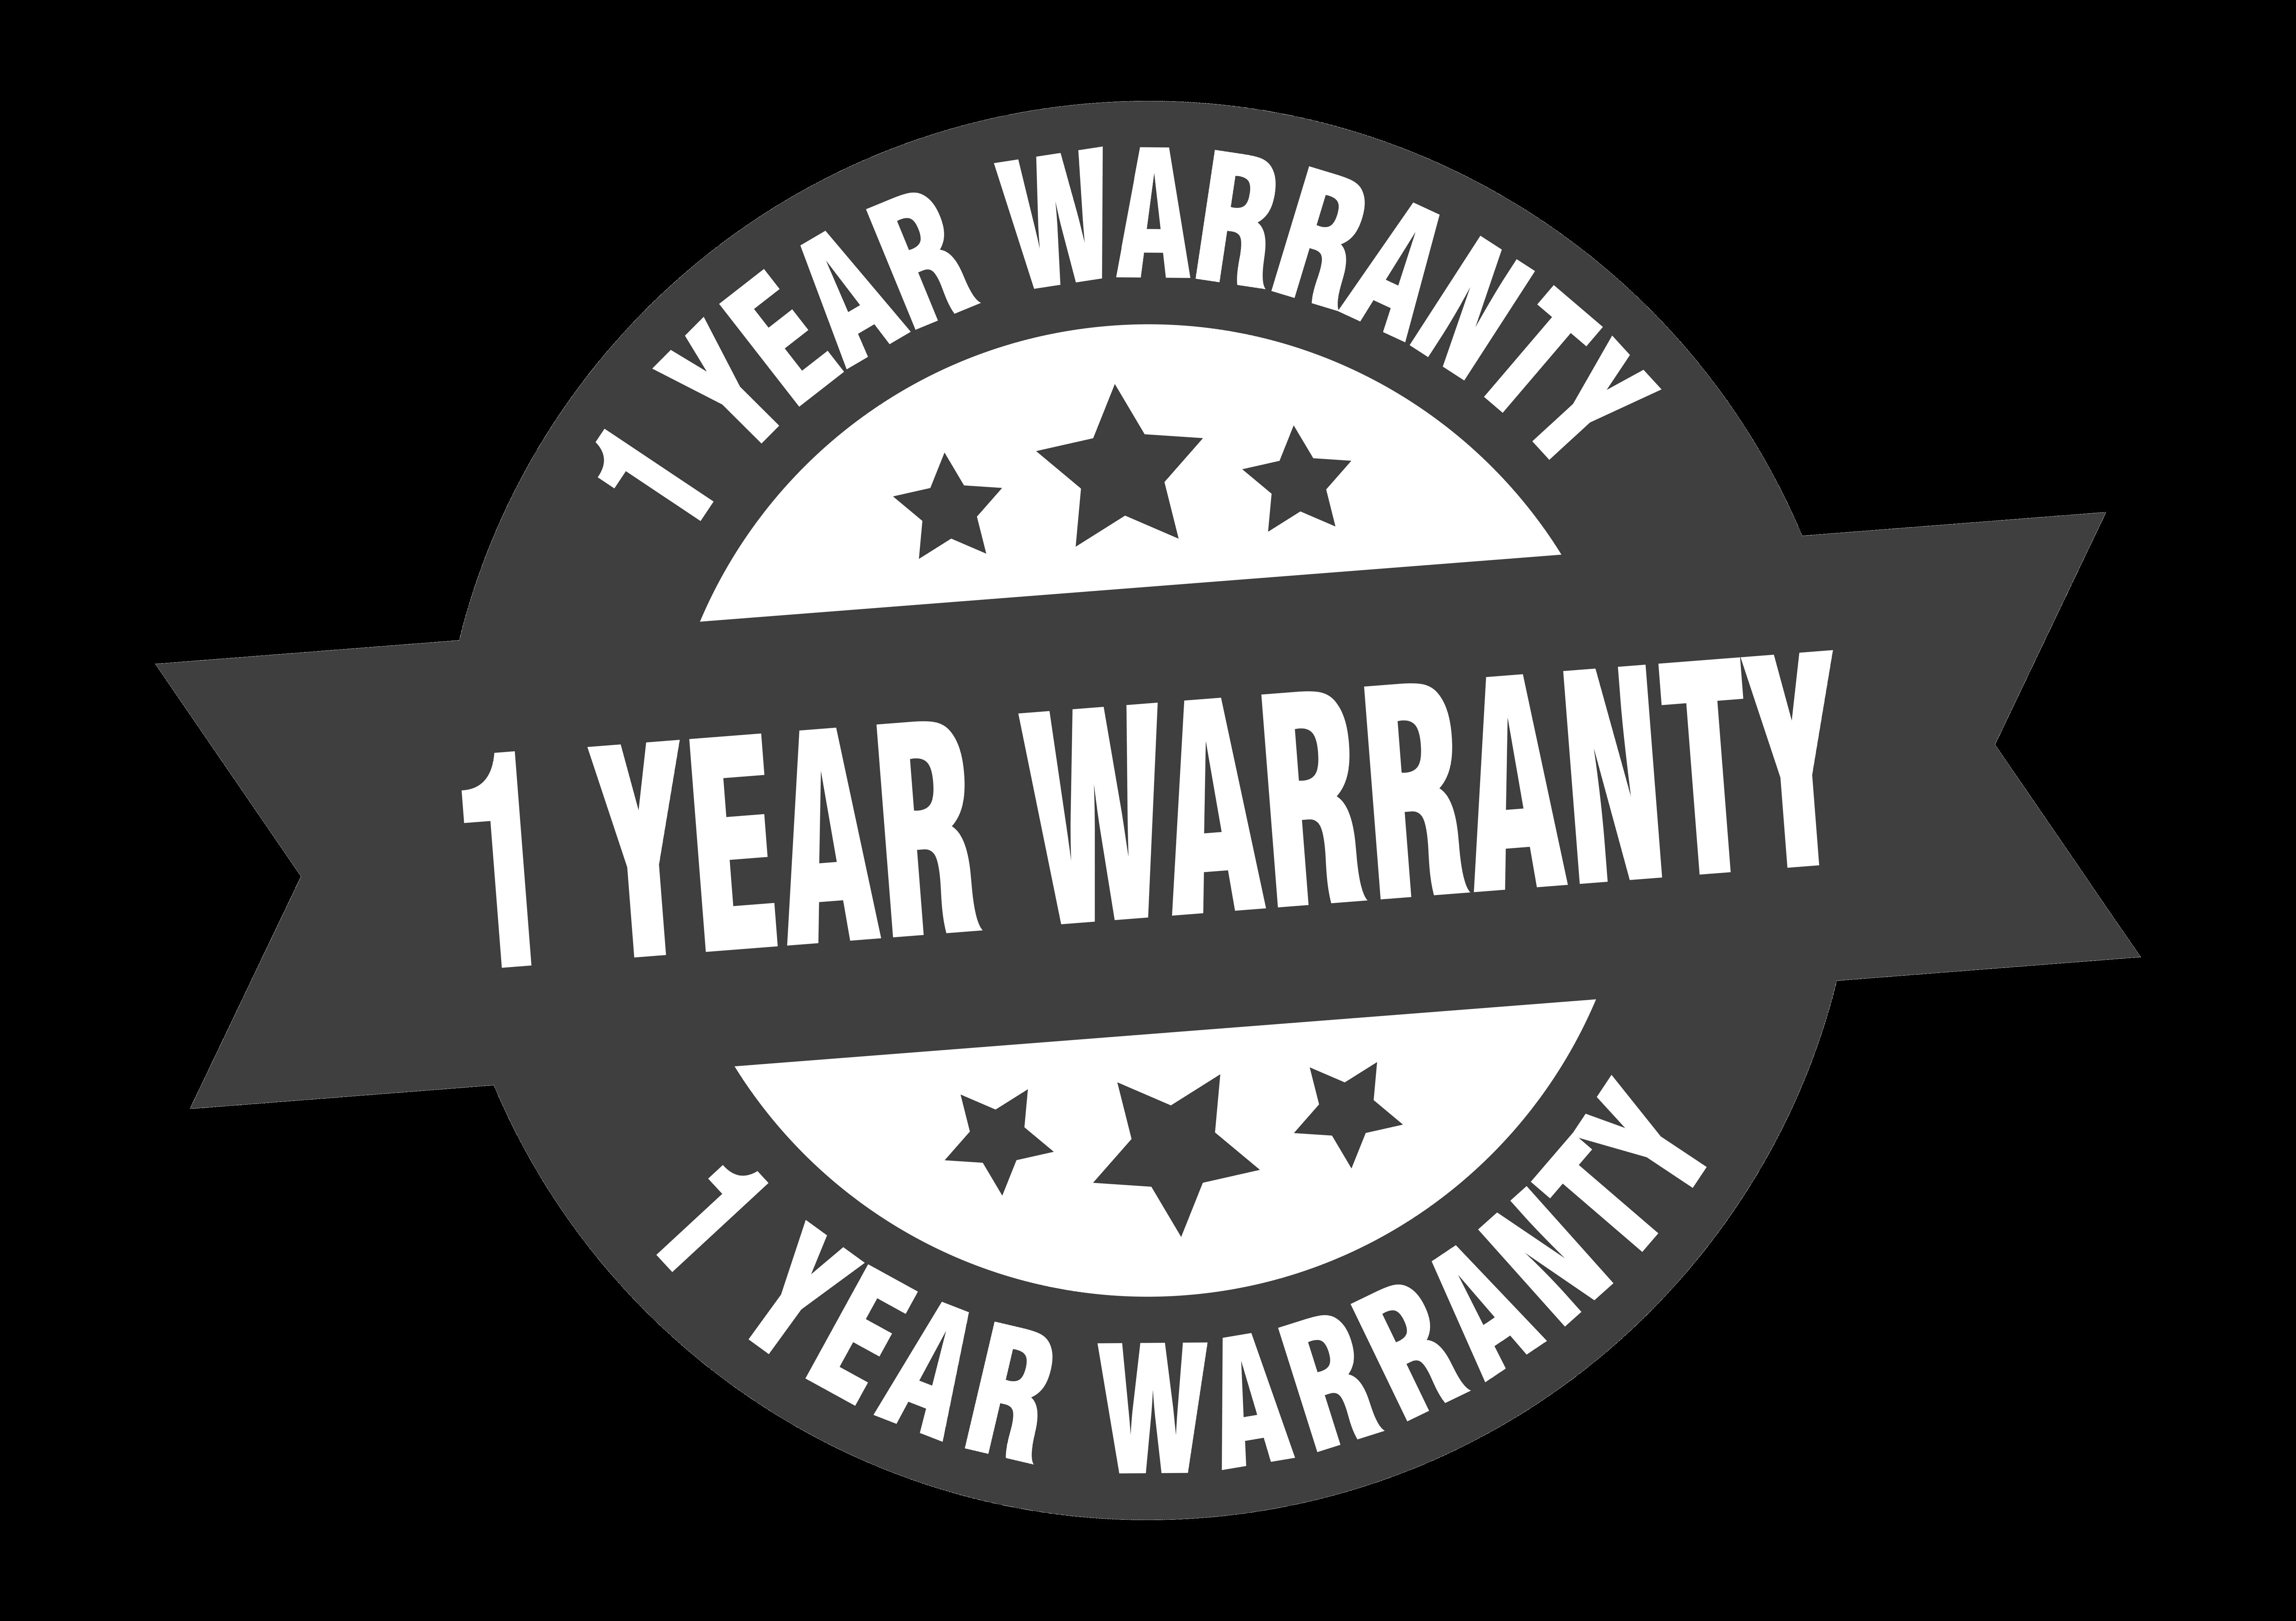 1 Year Warranty On All Work